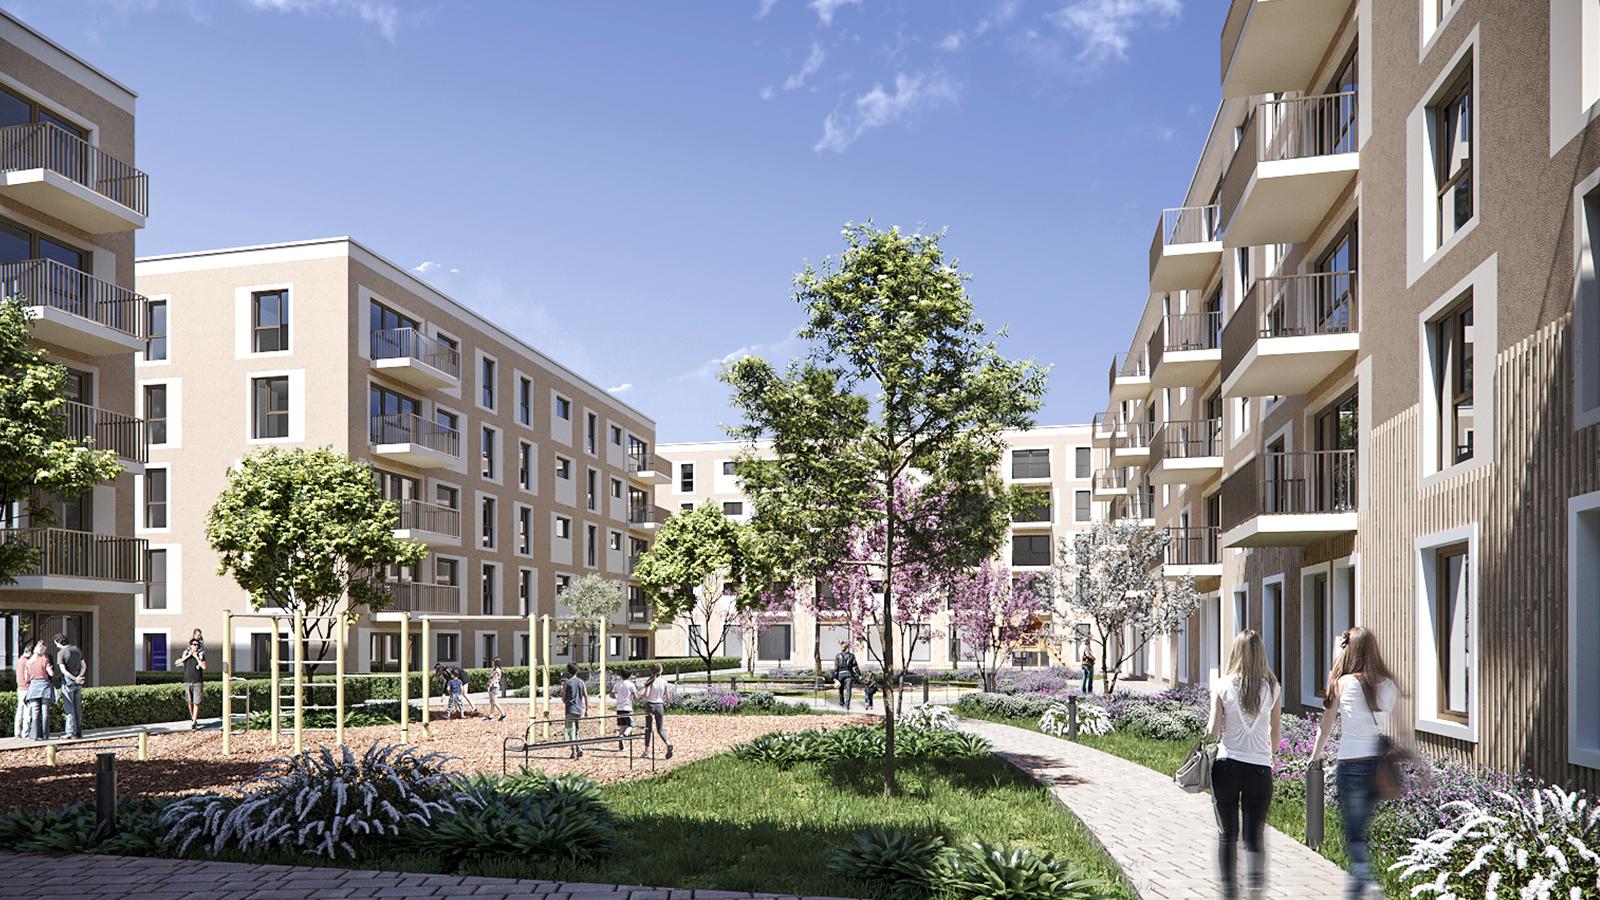 h2m-architekten-jaminpark-erlangen_WA1_Innenhof